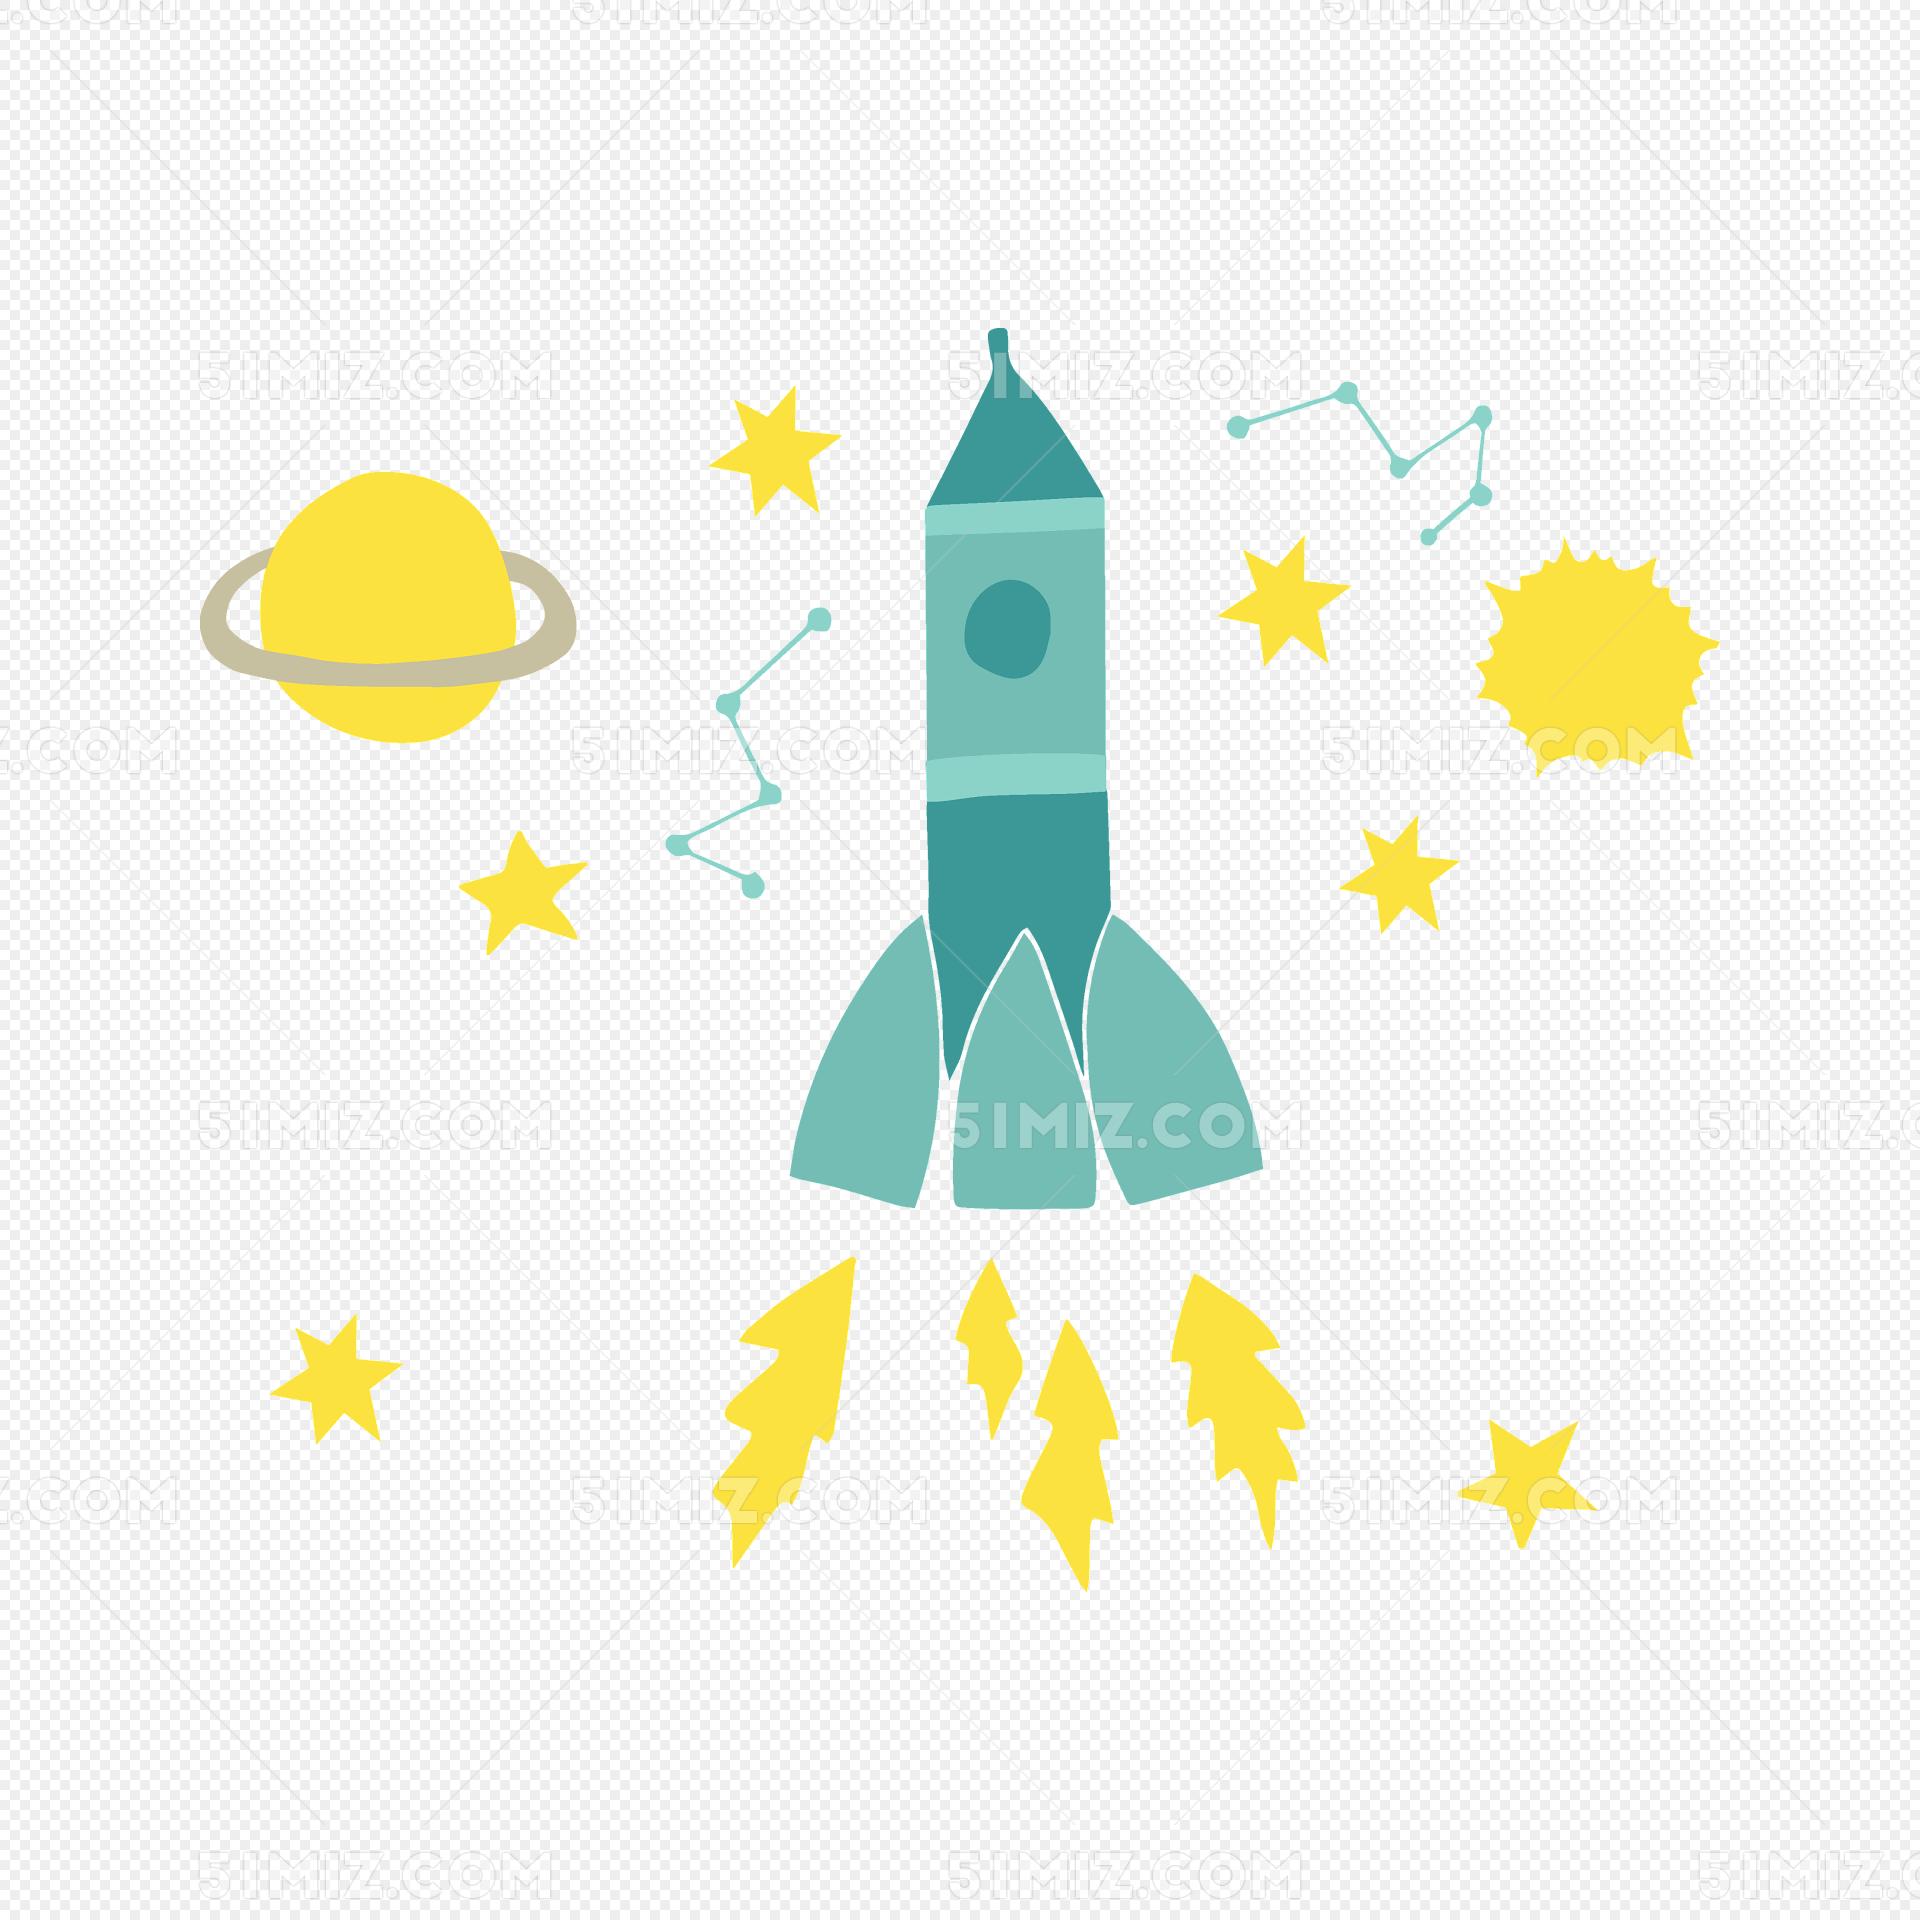 手绘卡通火箭星空矢量素材